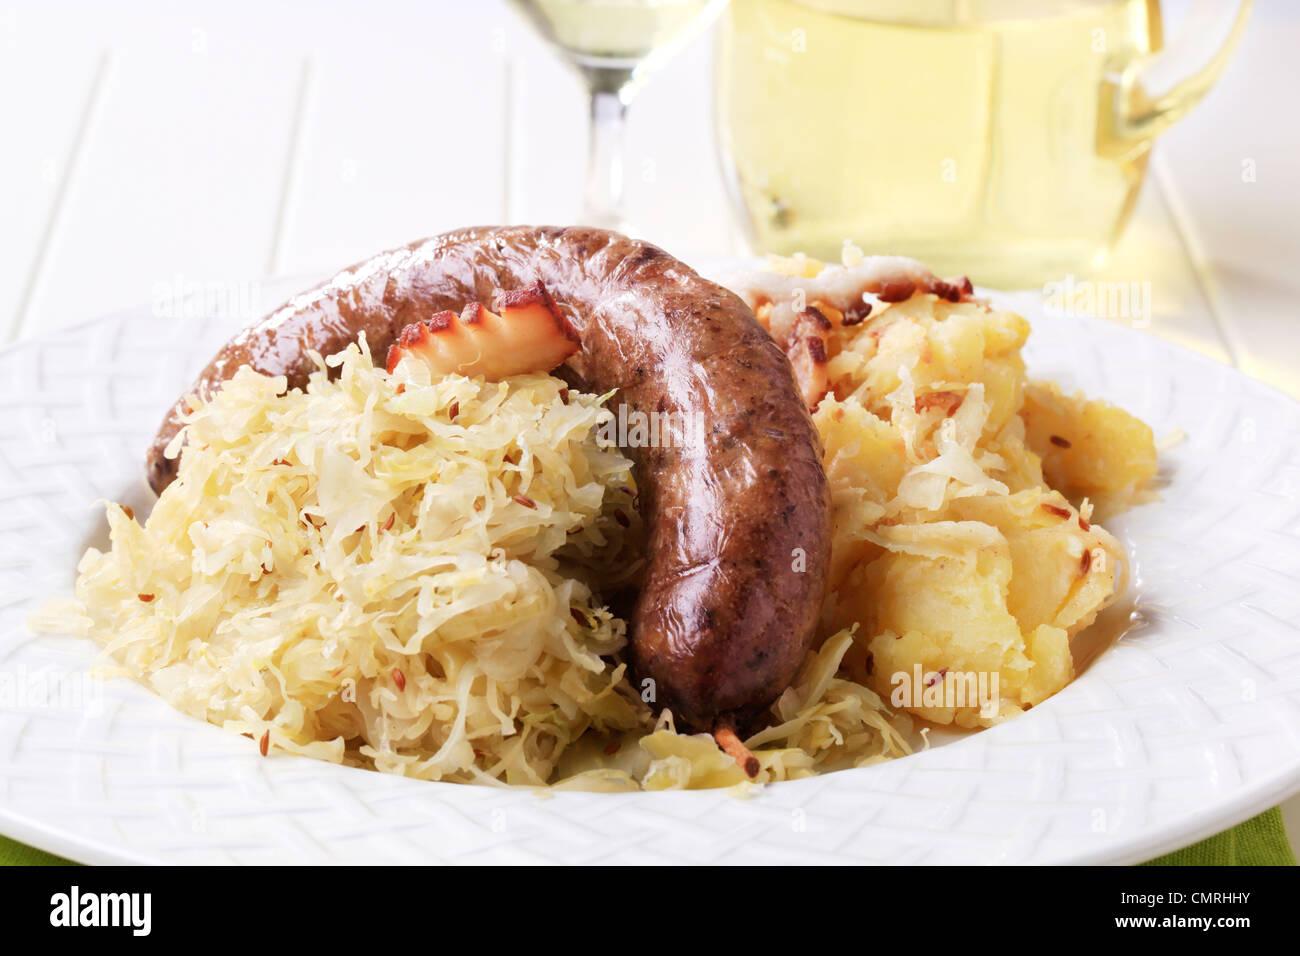 Boudin, choucroute et pommes de terre - libre Photo Stock